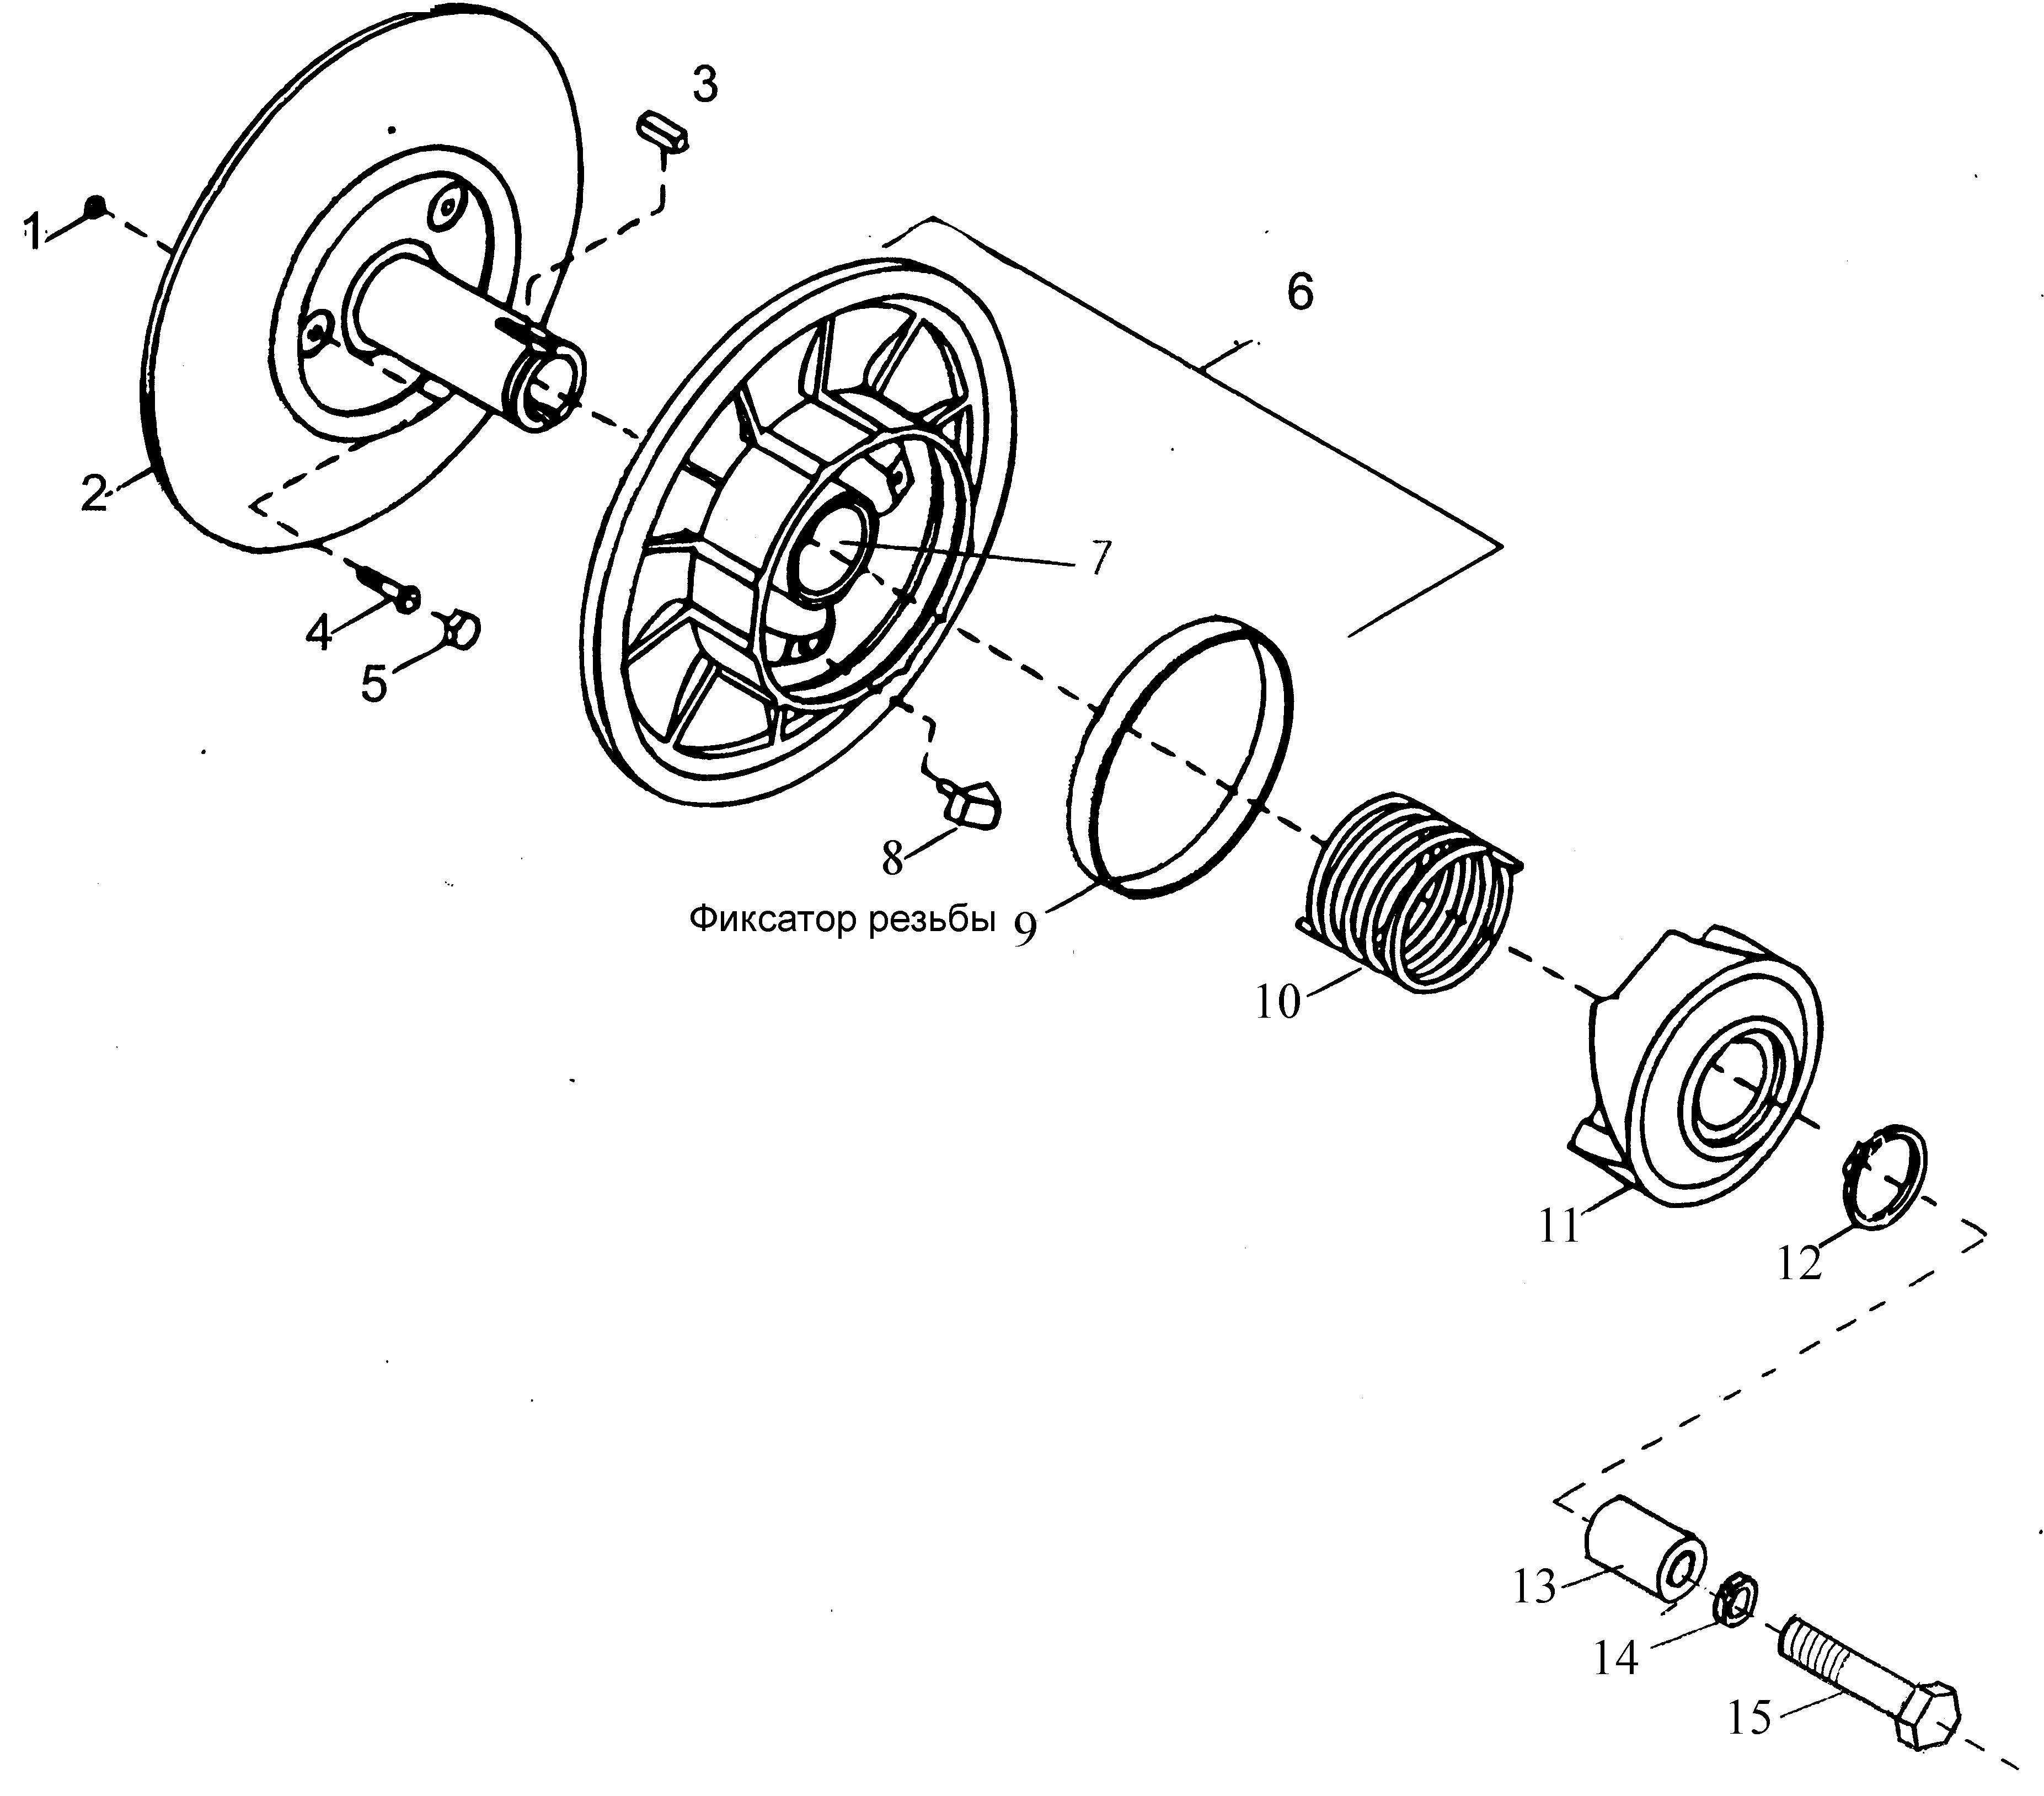 Инструкция по ремонту и эксплуатации снегохода тайга